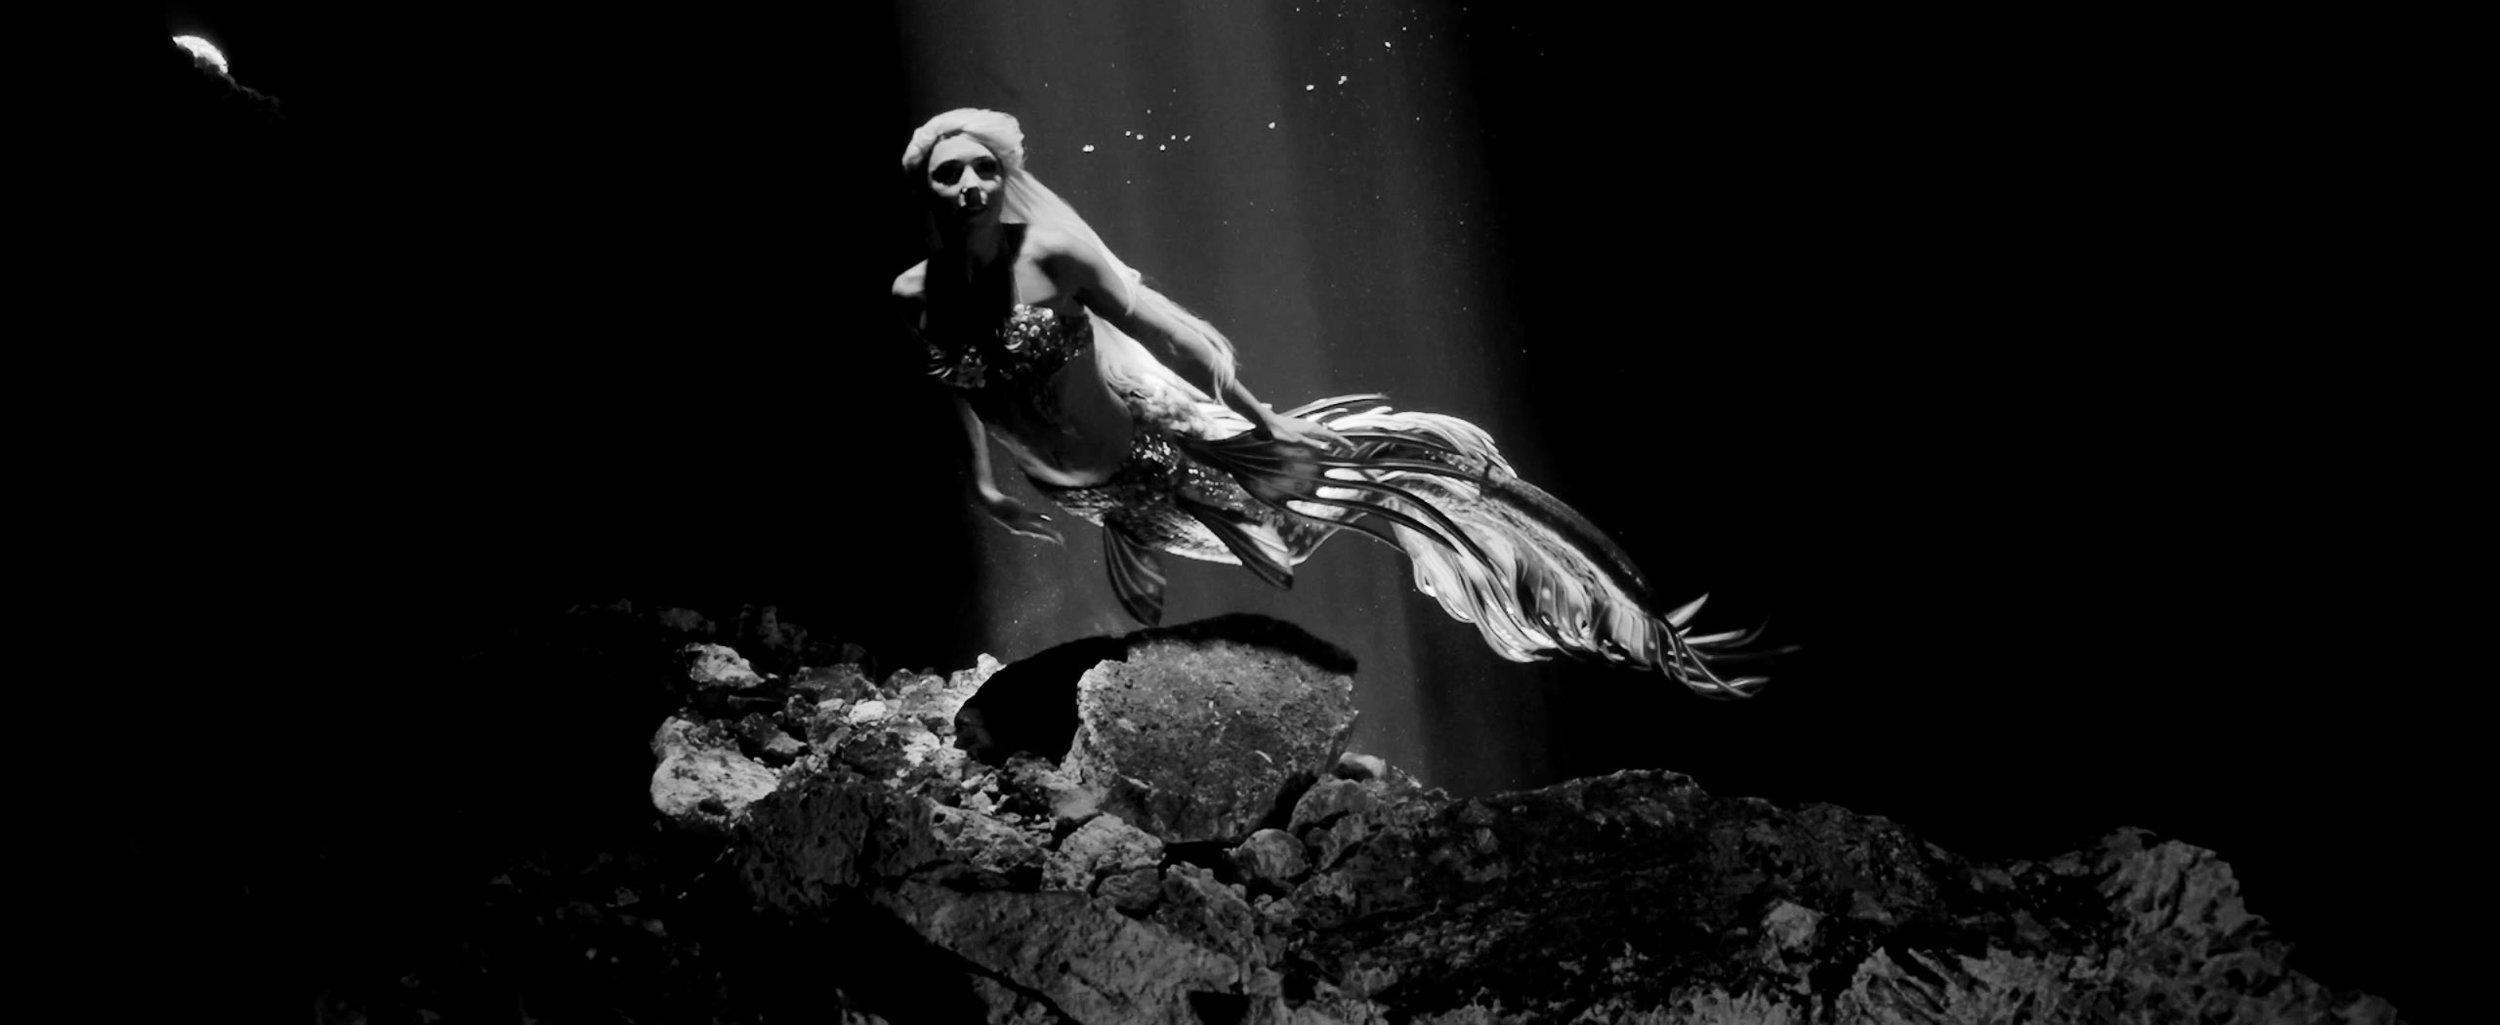 Olympus Underwater production - Niklas Nischke 03.jpg